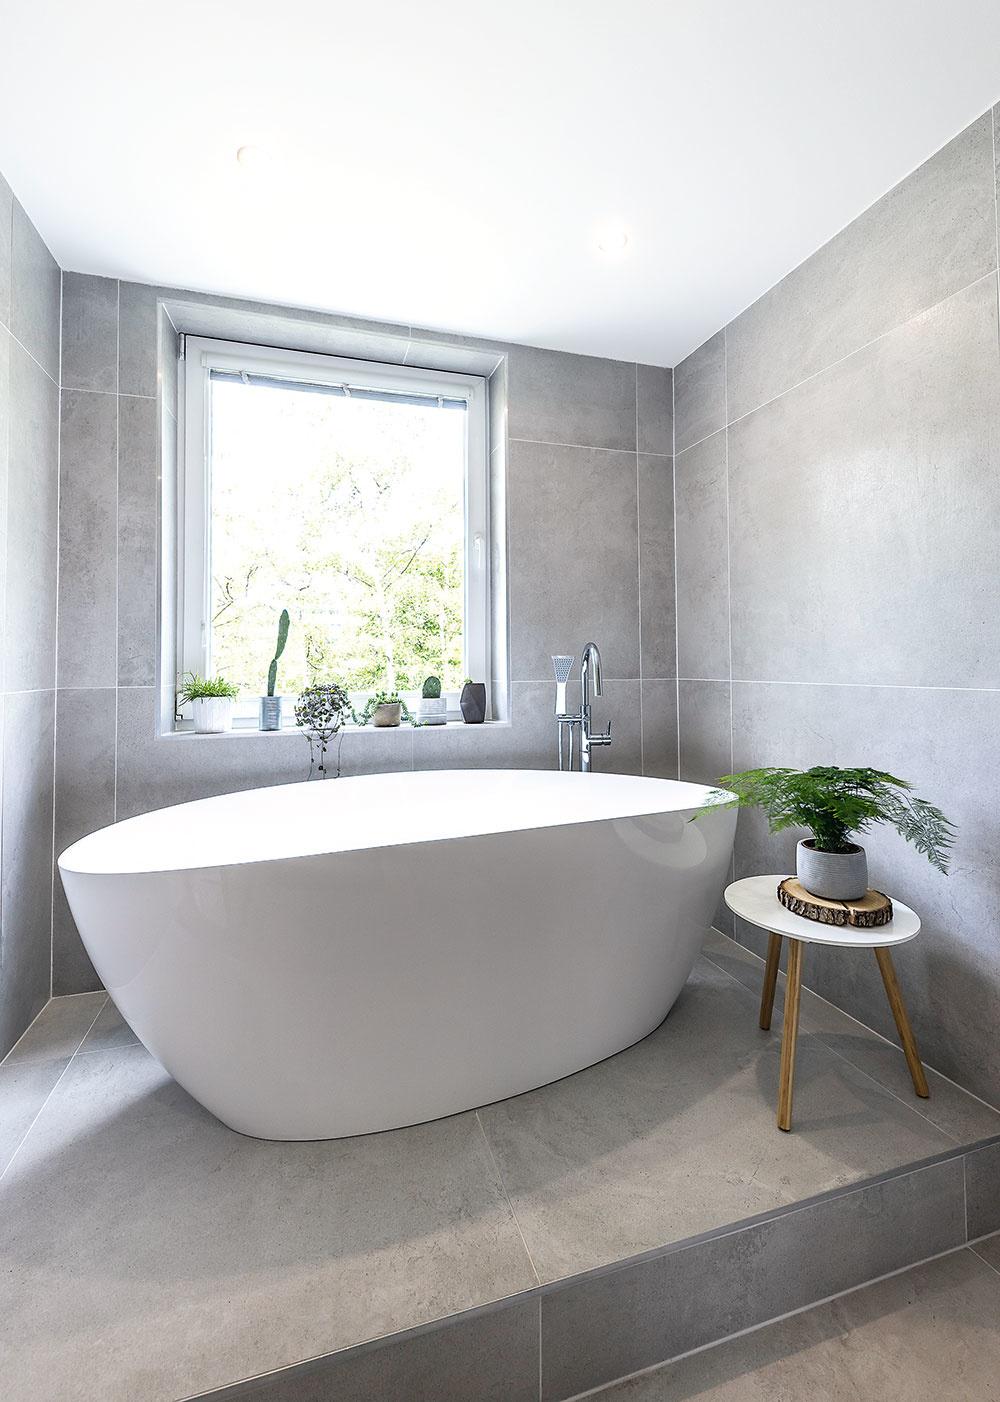 VOĽNE STOJACA VAŇA pod oknom priam nabáda oddychovať vo voňavom kúpeli. Aby dokonale vynikla, postavili ju na vyvýšené pódium atoto riešenie kúpeľňu aj pekne opticky predeľuje.